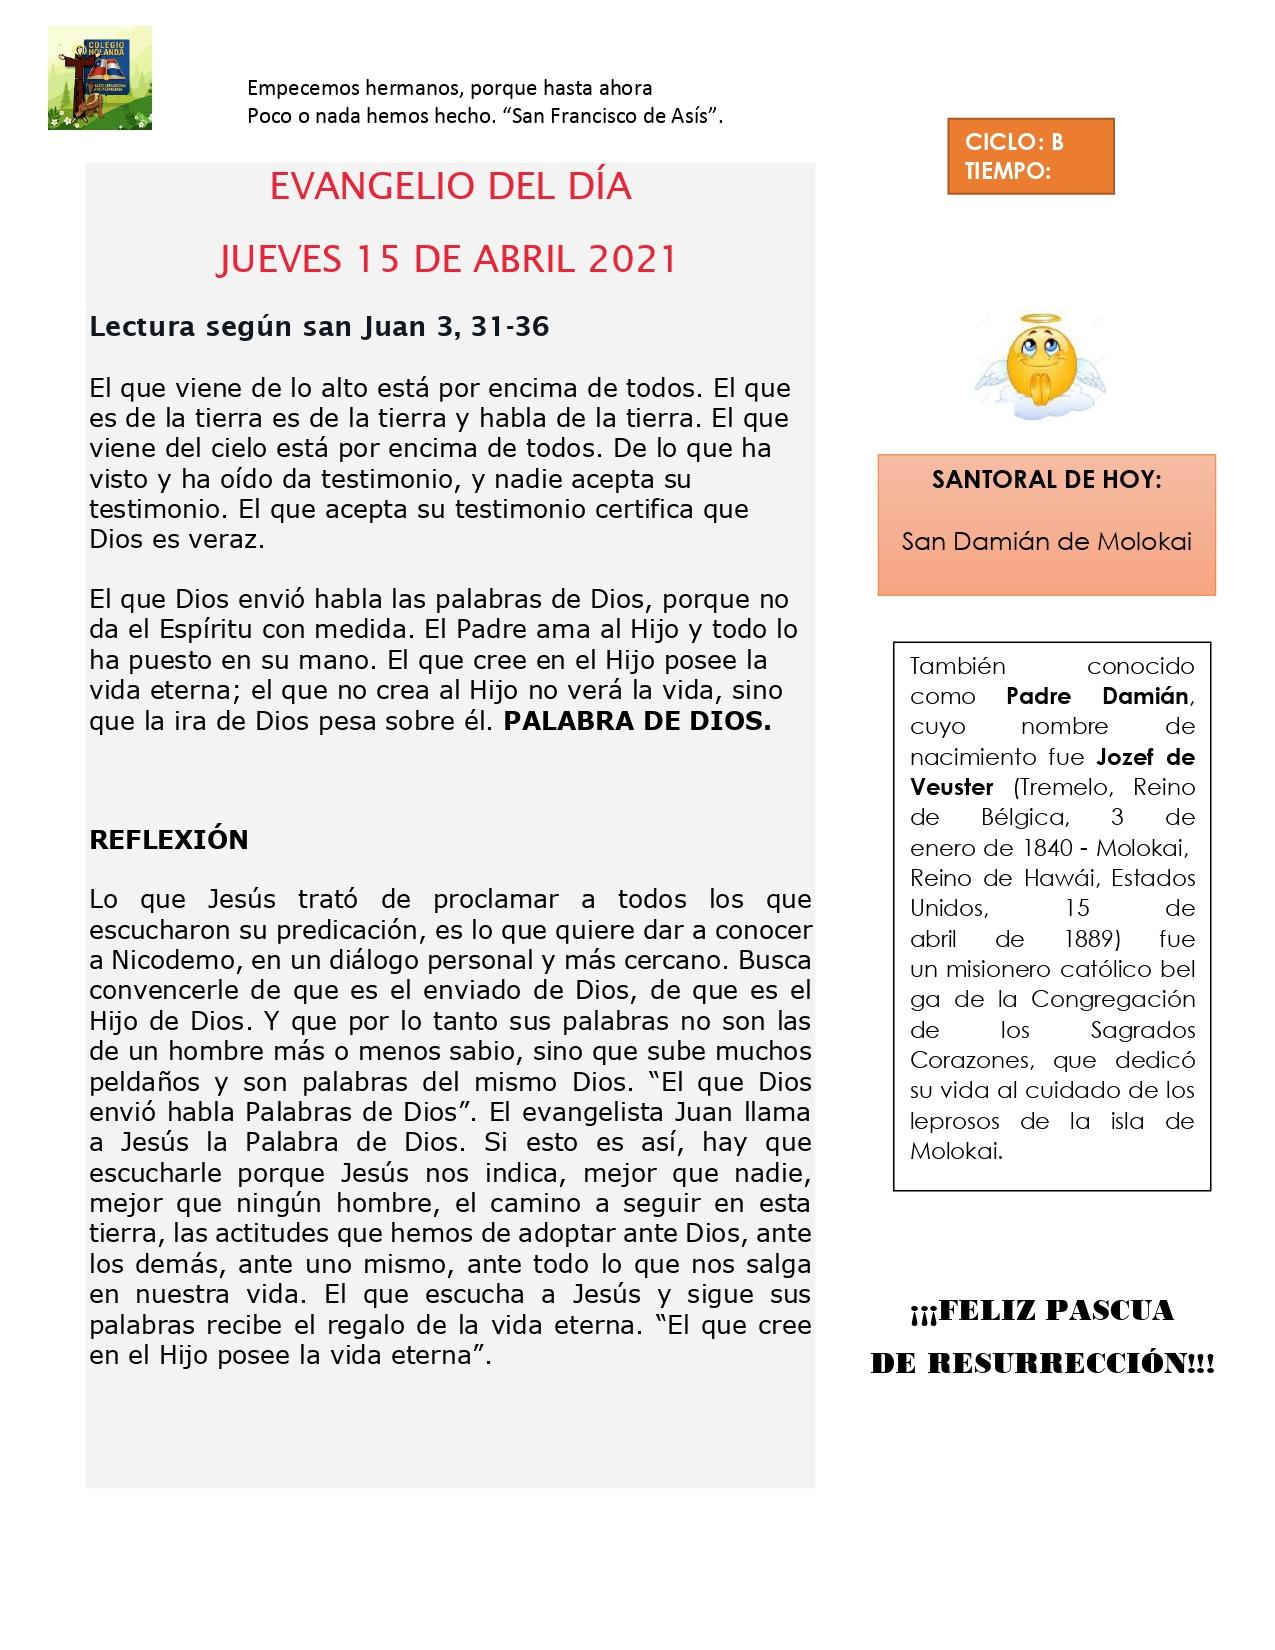 JUEVES 15 DE ABRIL 2021_page-0001